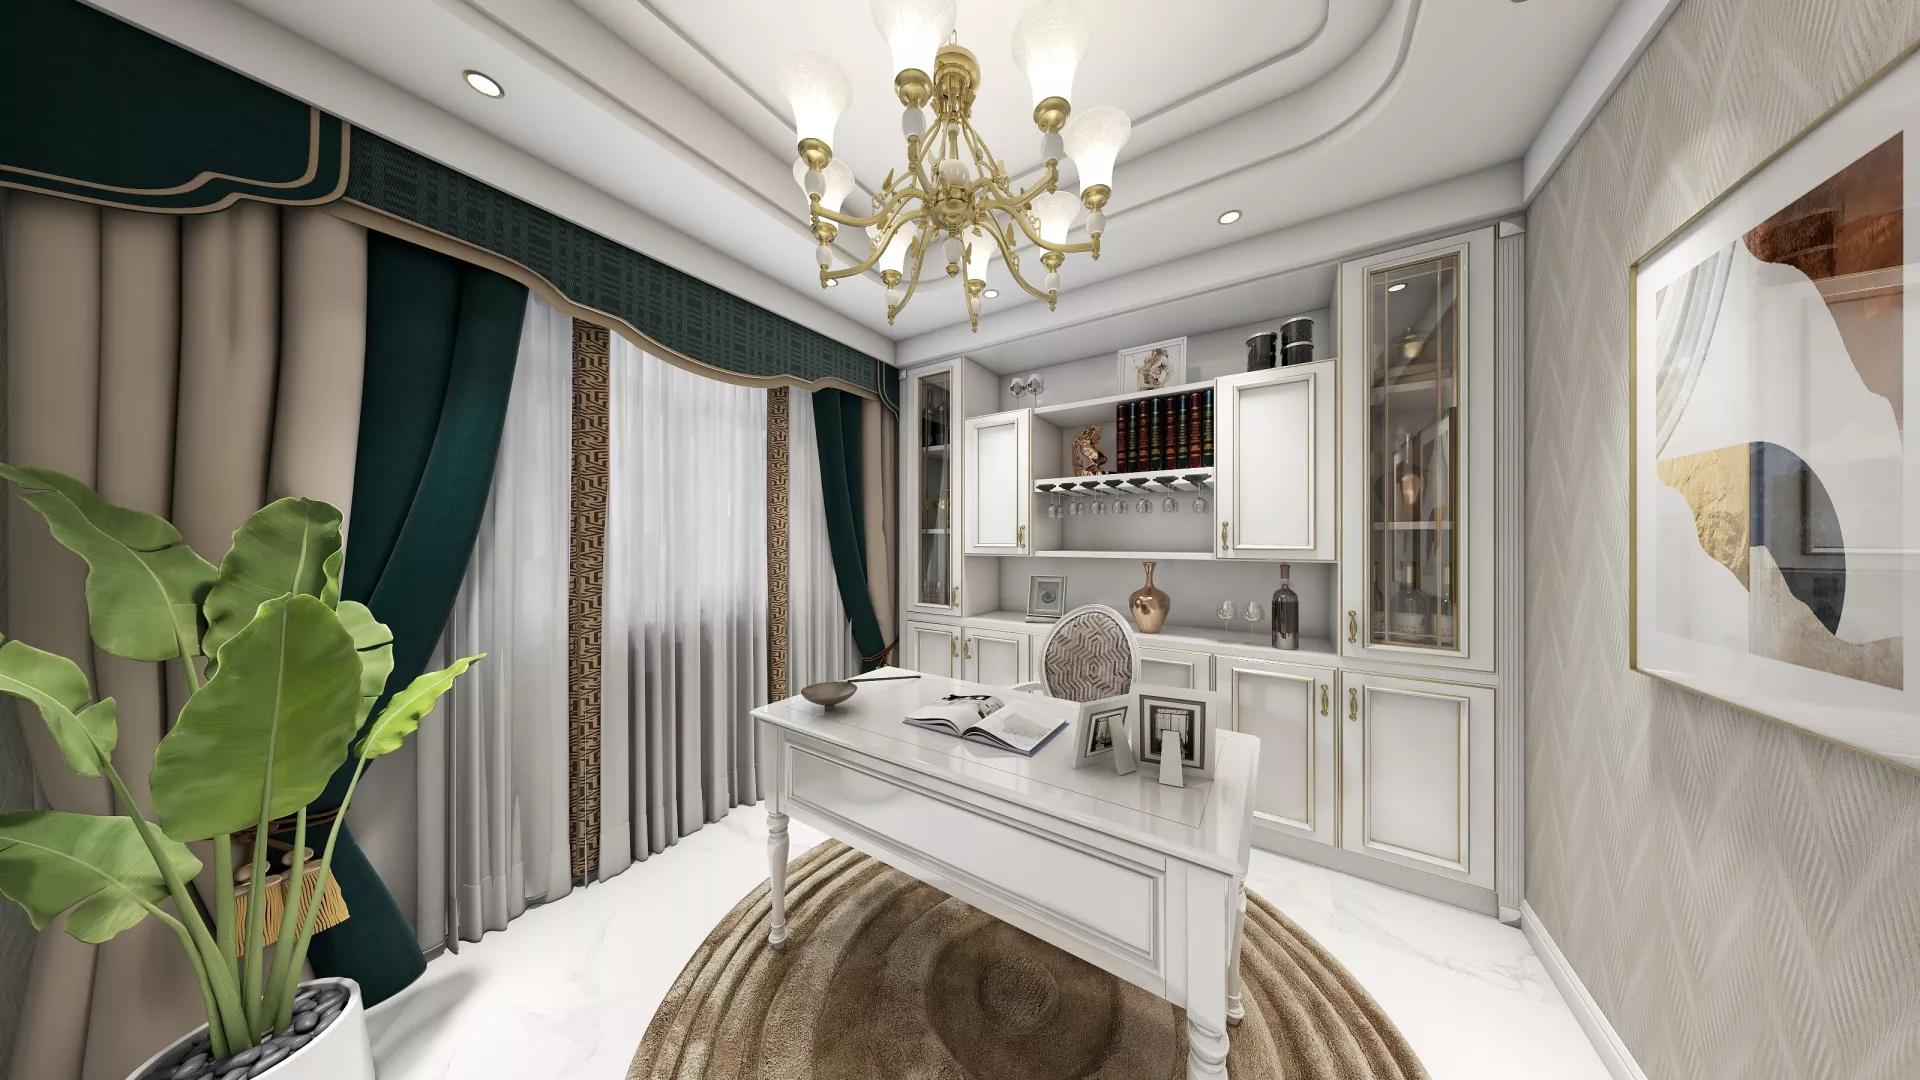 温馨浪漫客厅空间装修效果图